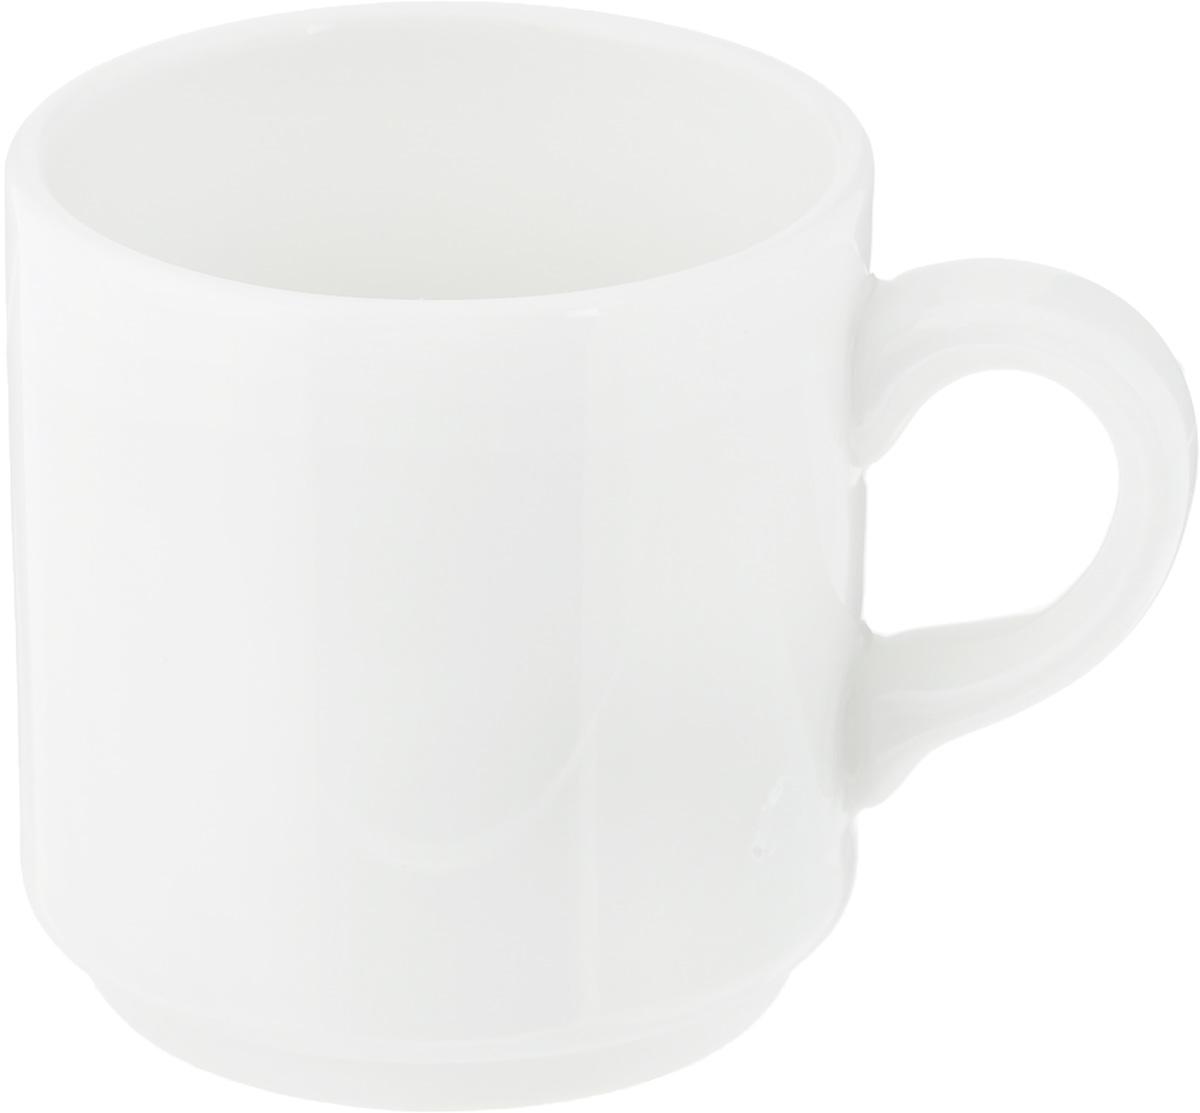 Чашка кофейная Ariane Прайм, 90 мл115610Чашка кофейная Ariane Прайм выполнена из высококачественного фарфора. Посуда из такого материала позволяет сохранить истинный вкус напитка, а также помогает ему дольше оставаться теплым. Белоснежность изделия дарит ощущение легкости и безмятежности.Диаметр чашки (по верхнему краю): 5,5 см. Высота чашки: 6 см.Объем чашки: 90 мл.